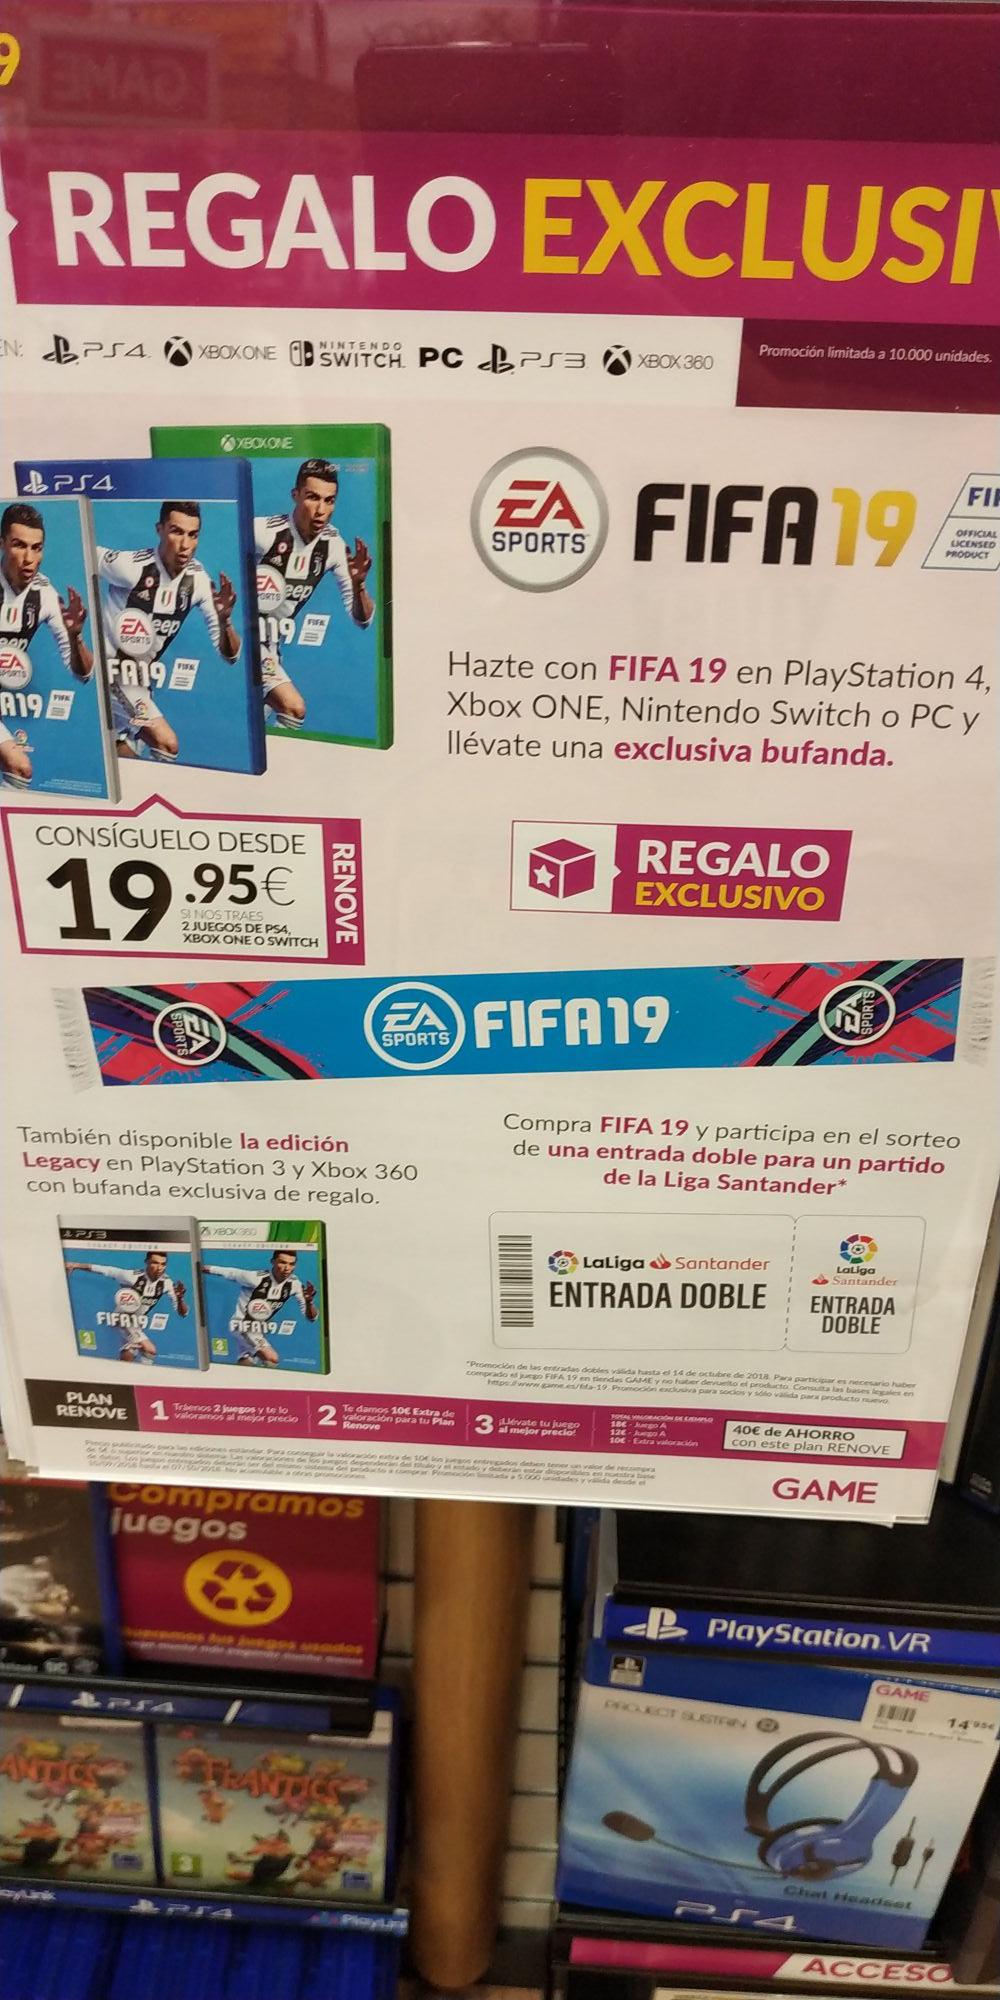 FIFA 19+ bufanda exclusiva (en GAME)